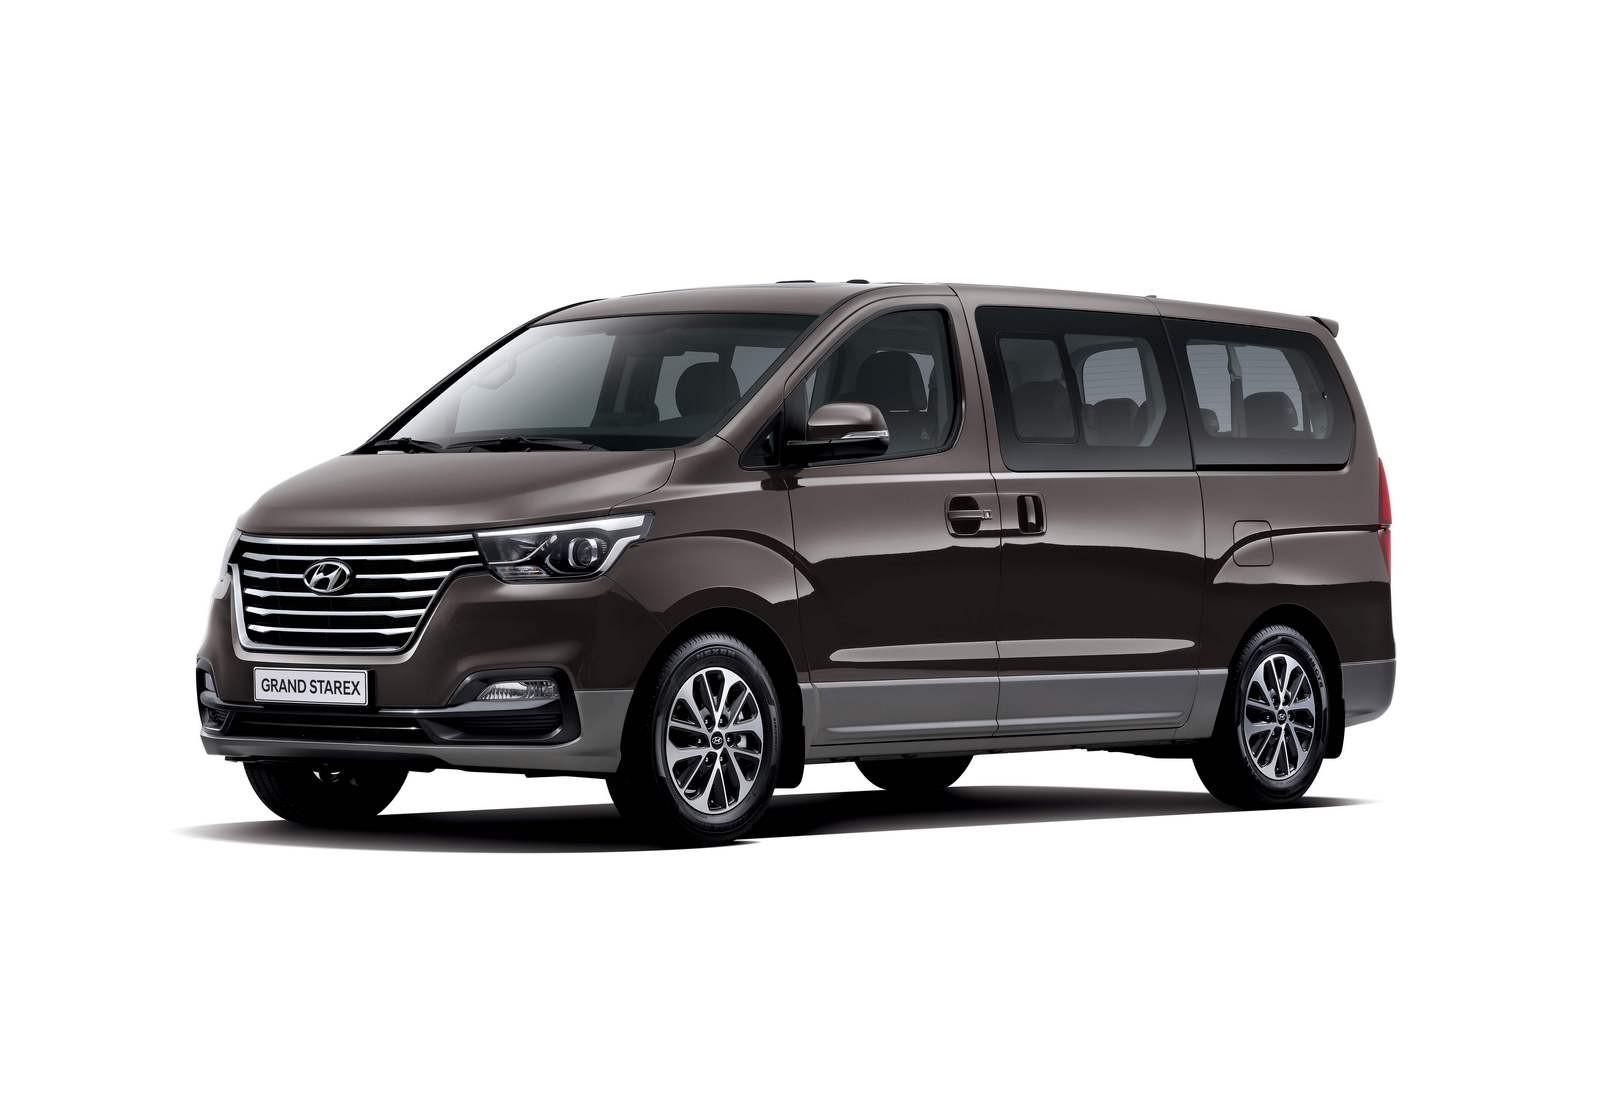 بالصور مواصفات هونداي h1 2019 , تعرف على اسعار و موصفات السيارة هونداي H1 بالسعودية 4054